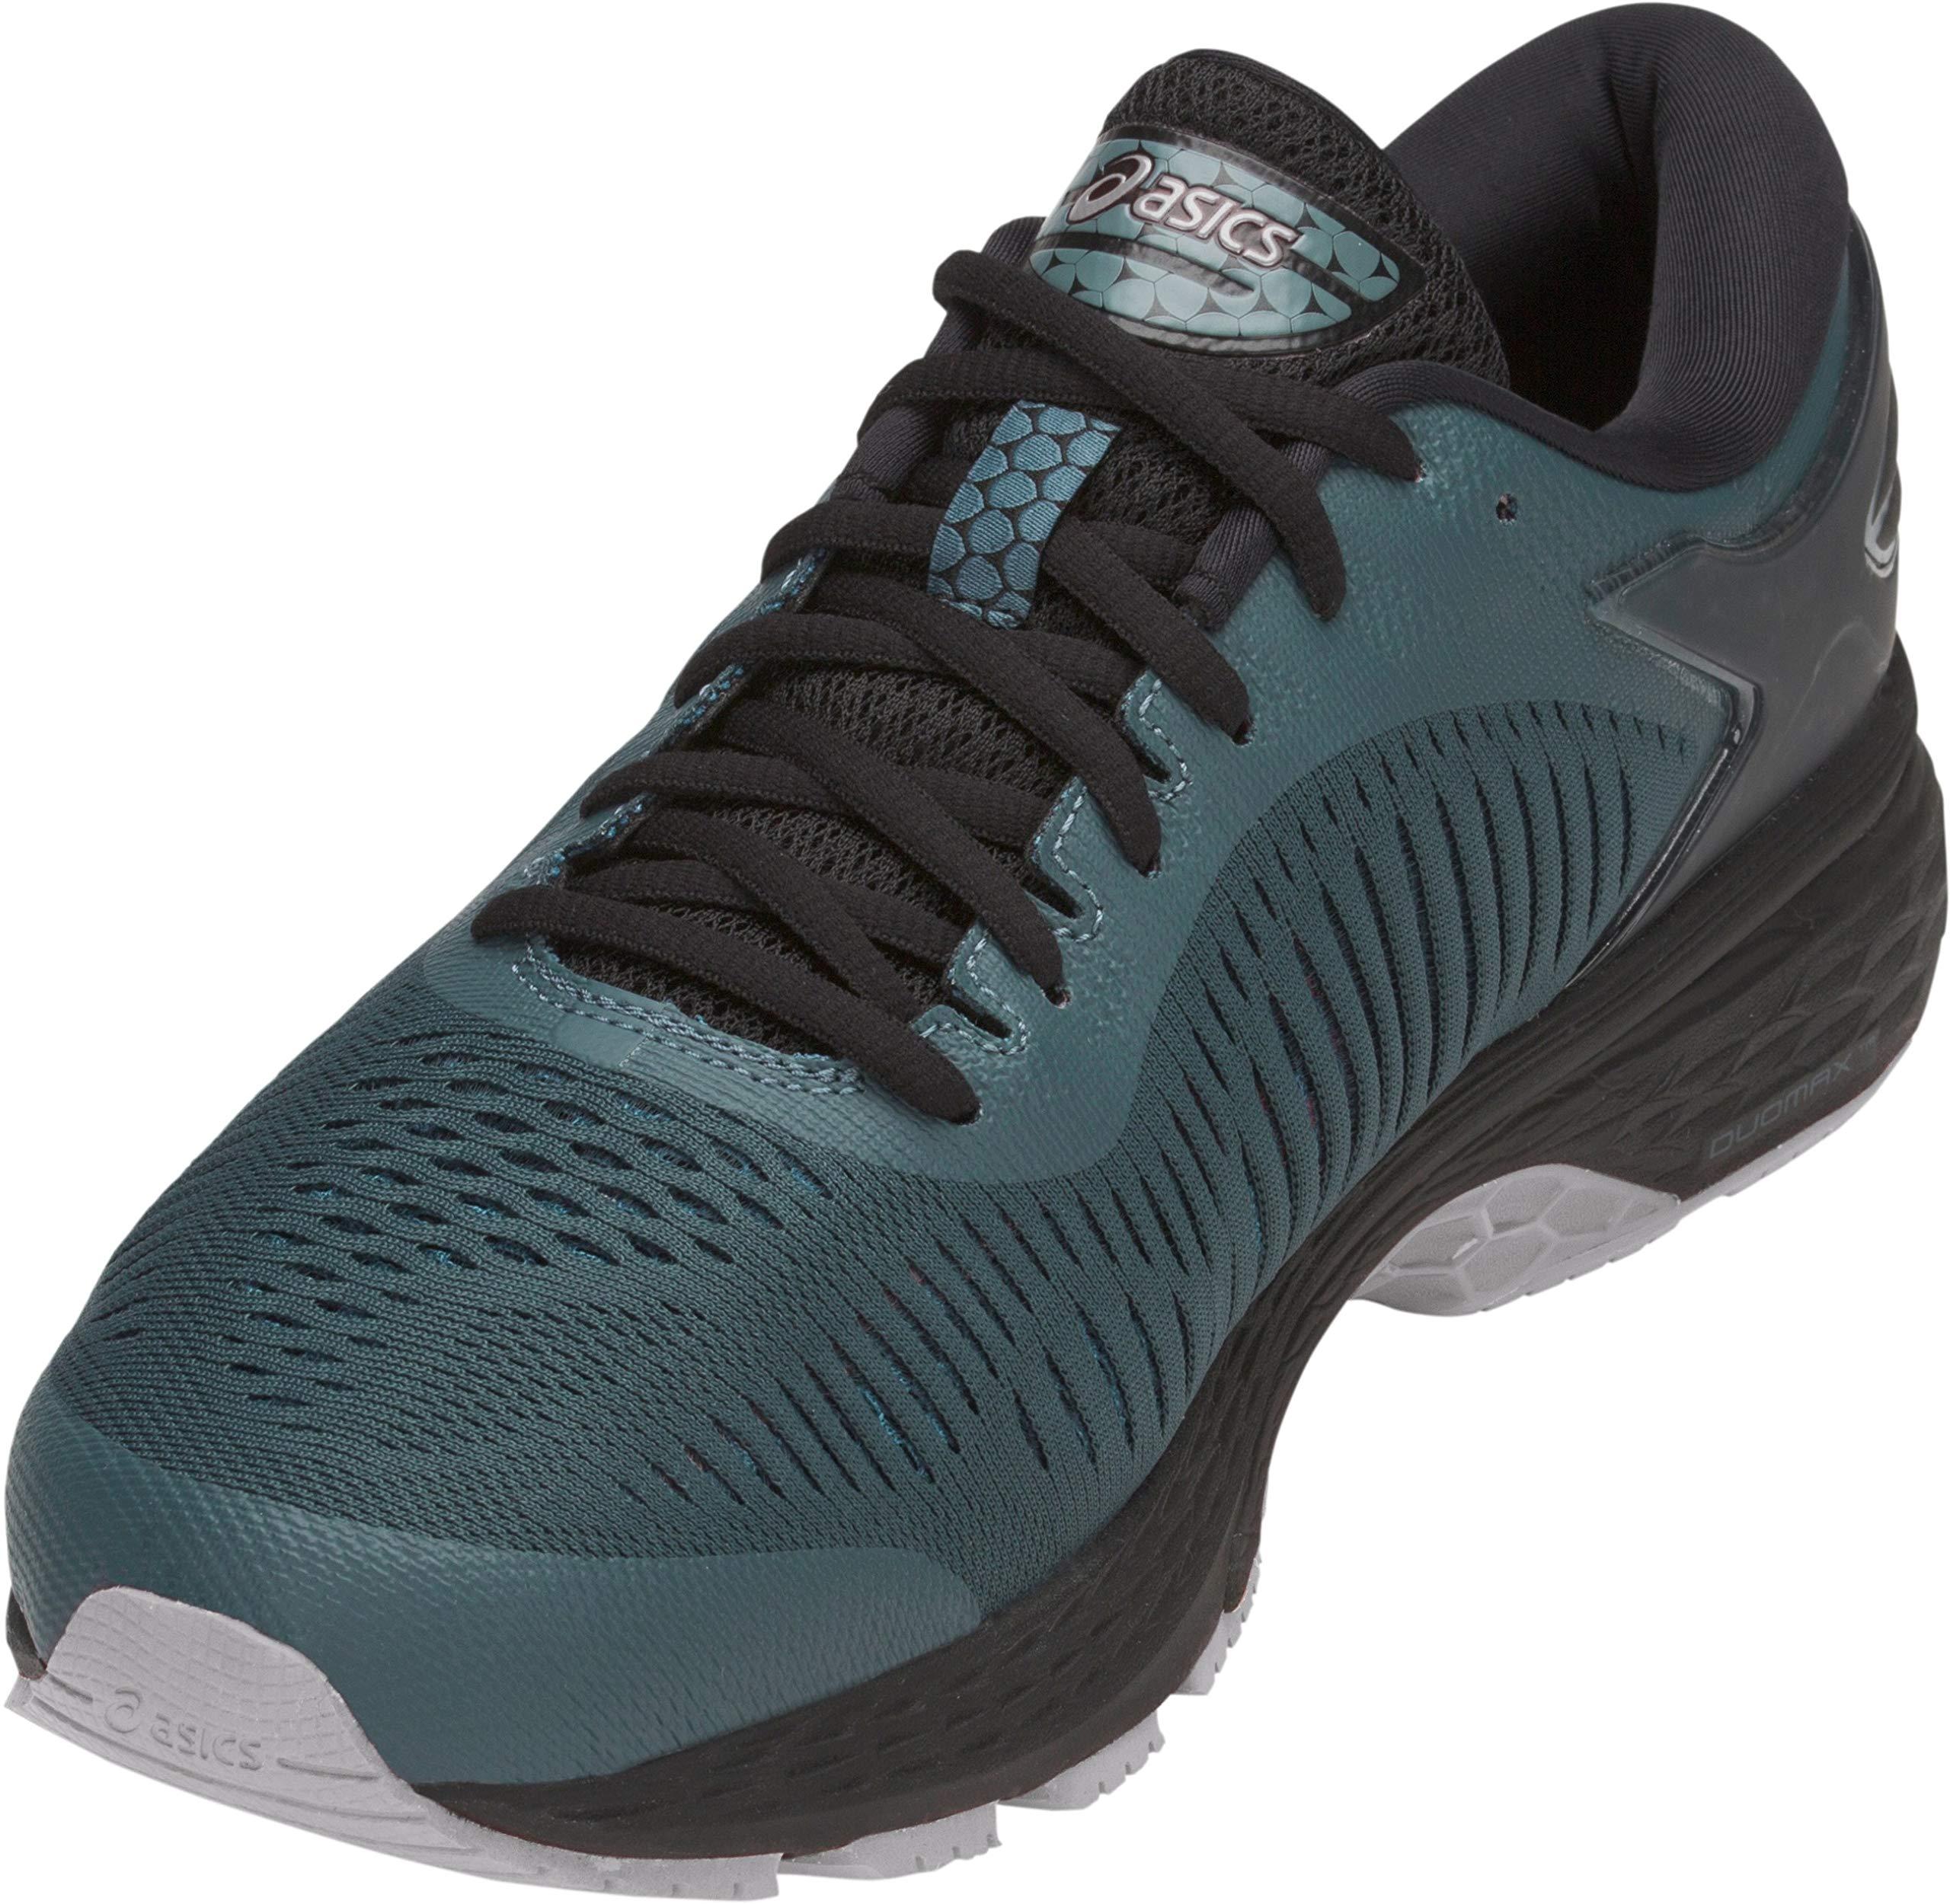 ASICS Men's Gel-Kayano 25 Running Shoe, Iron Clad/Black, 7 D(M) US by ASICS (Image #3)